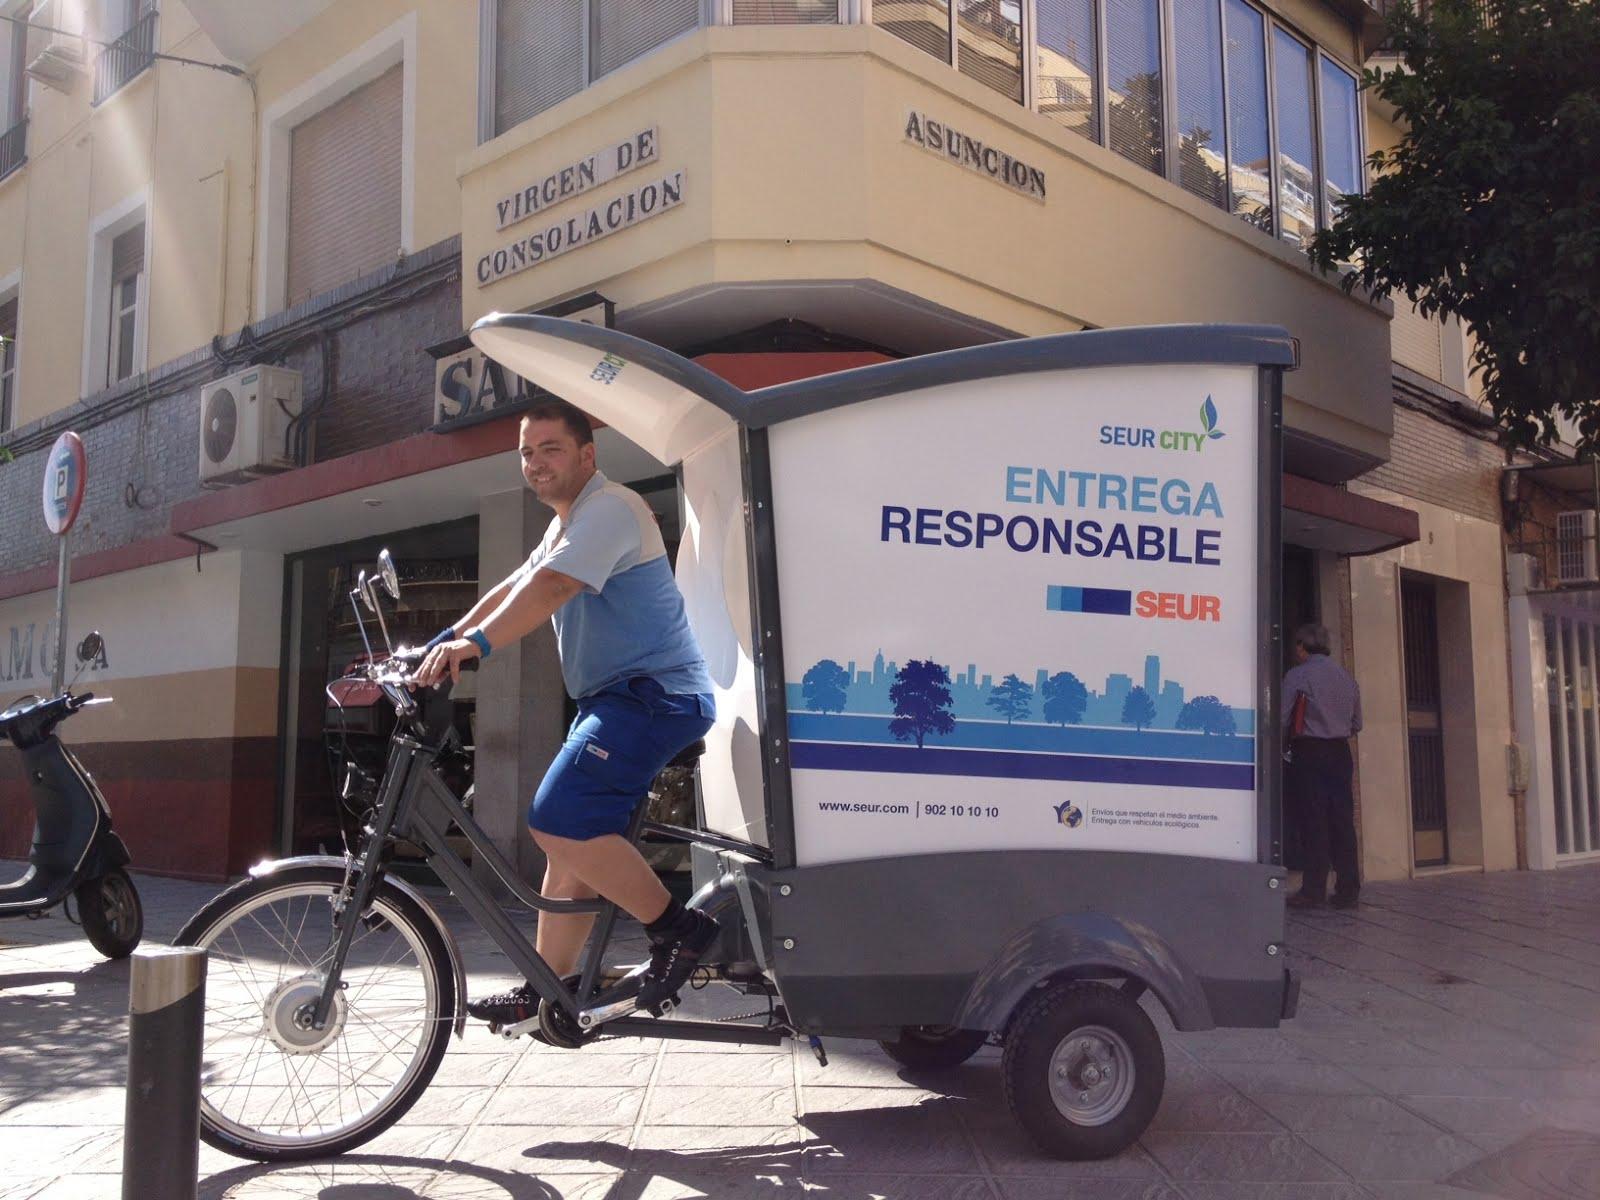 Novo log stica blog reparto ecolol gico en bicicleta de for Seur sevilla oficinas